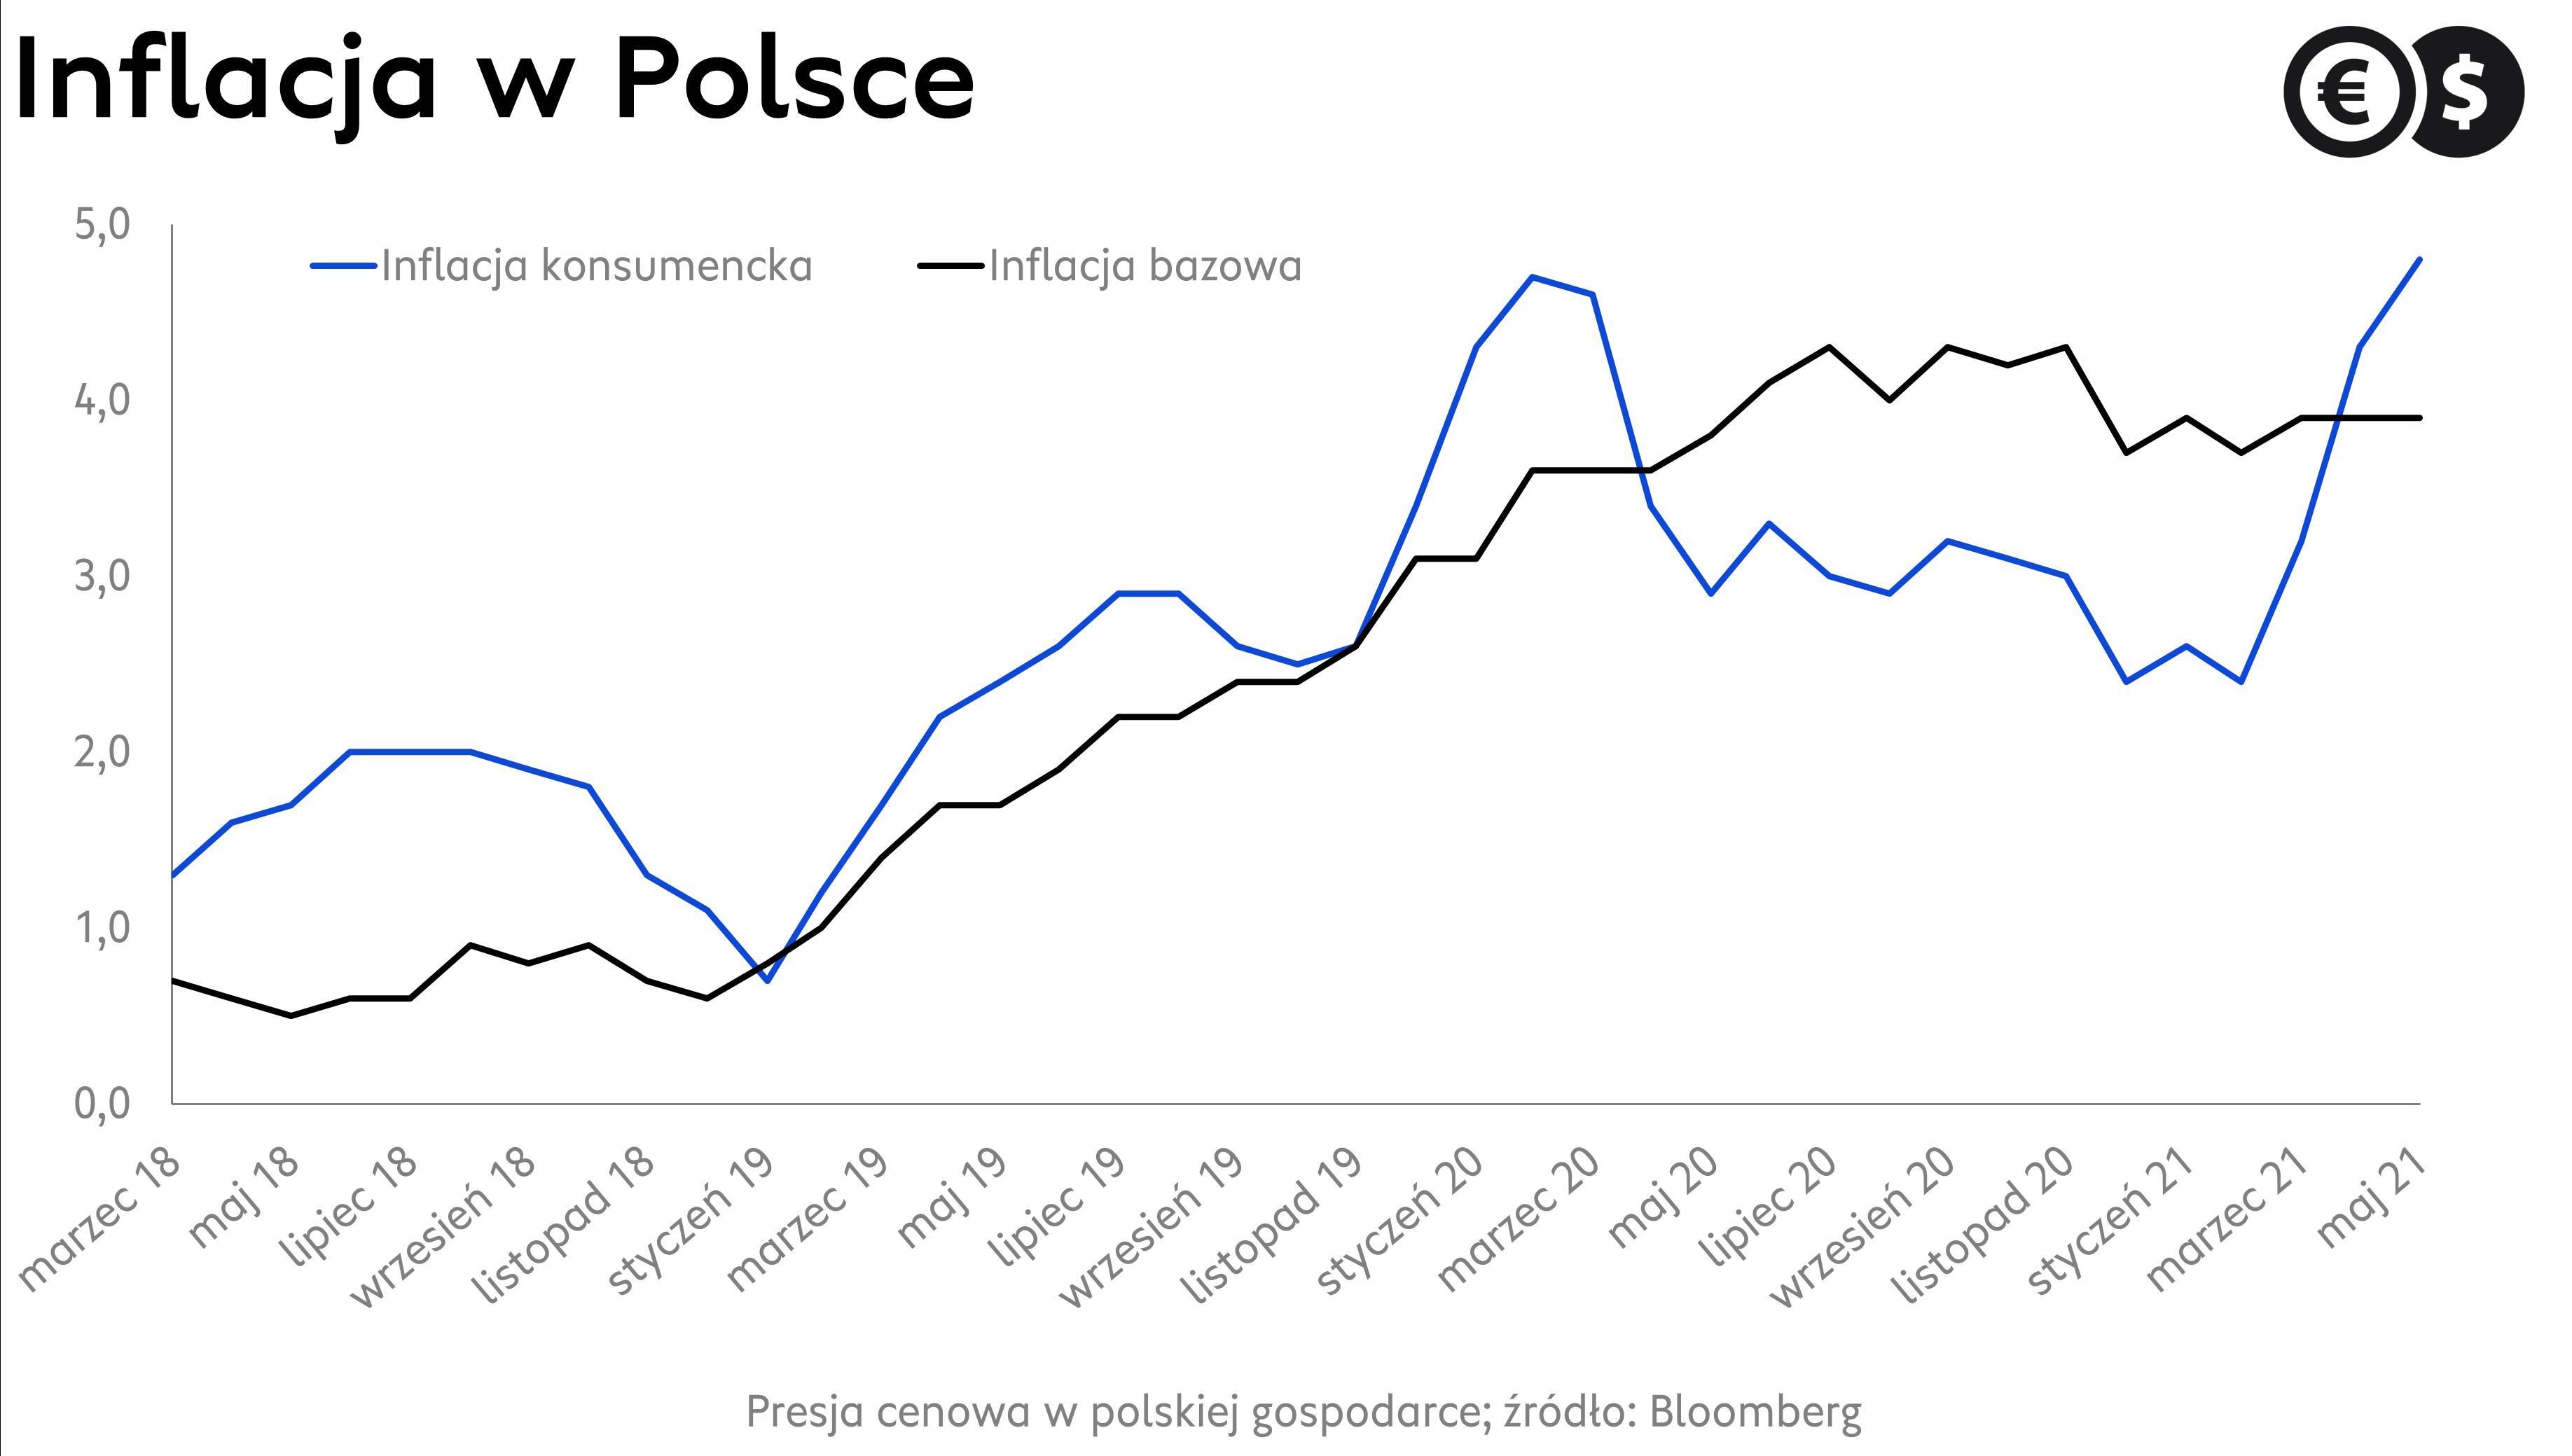 Inflacja w Polsce; źródło: Bloomberg